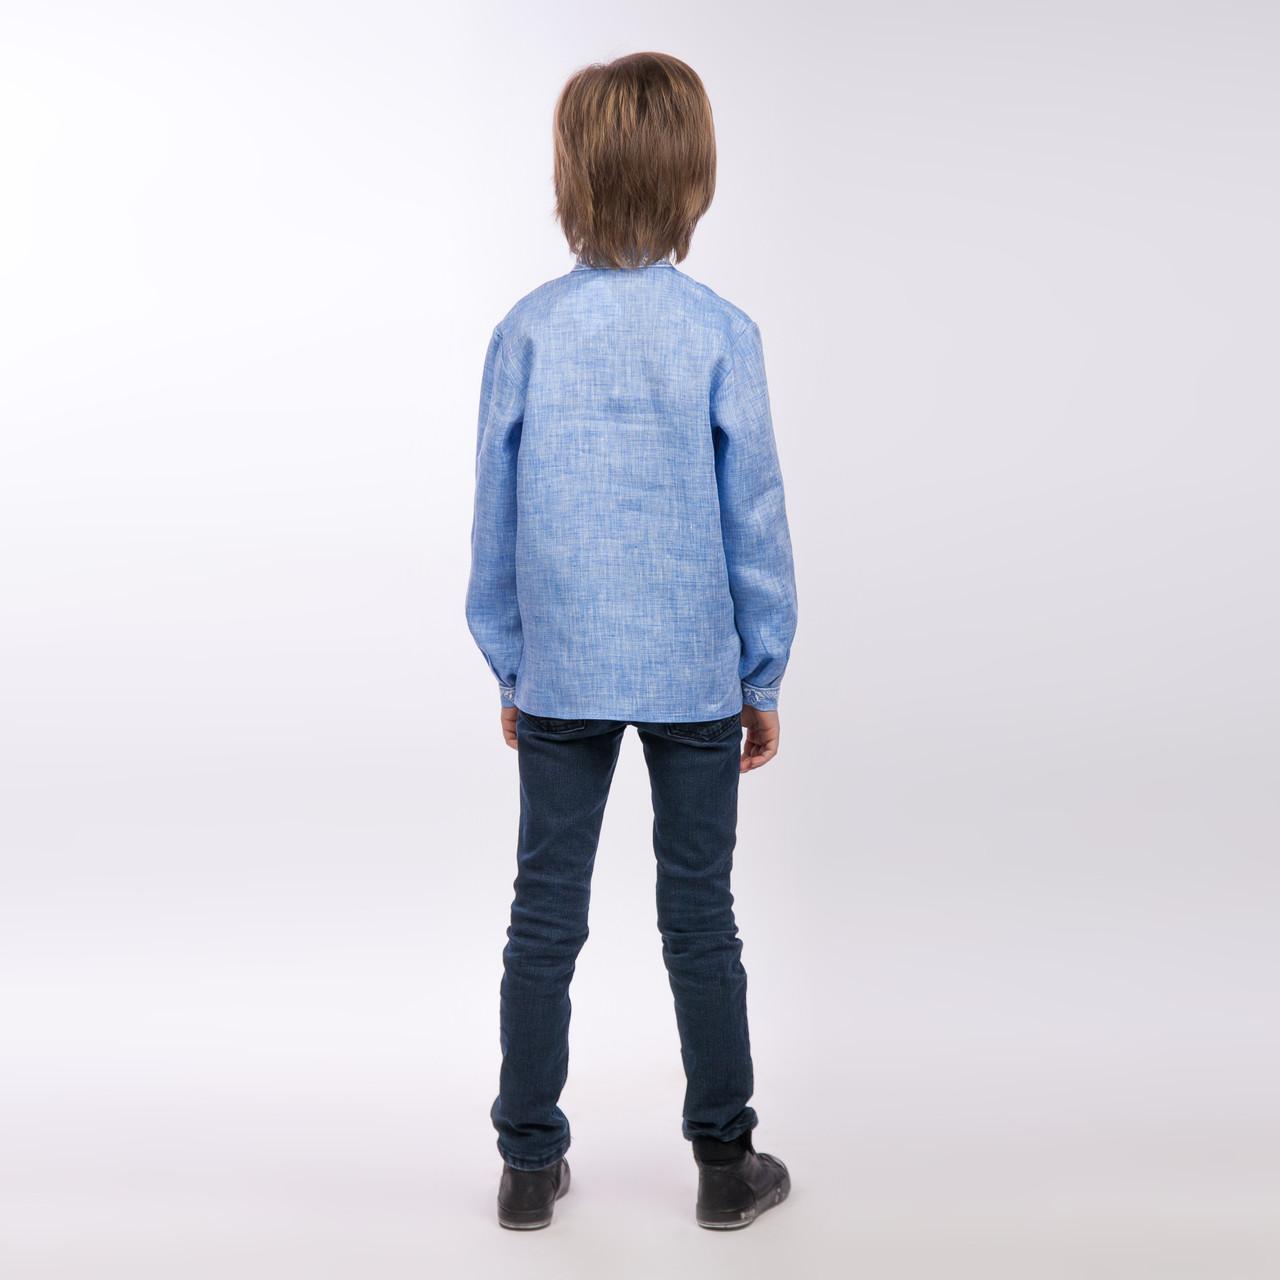 Вышиванка для мальчика, светлый джинс - фото 2